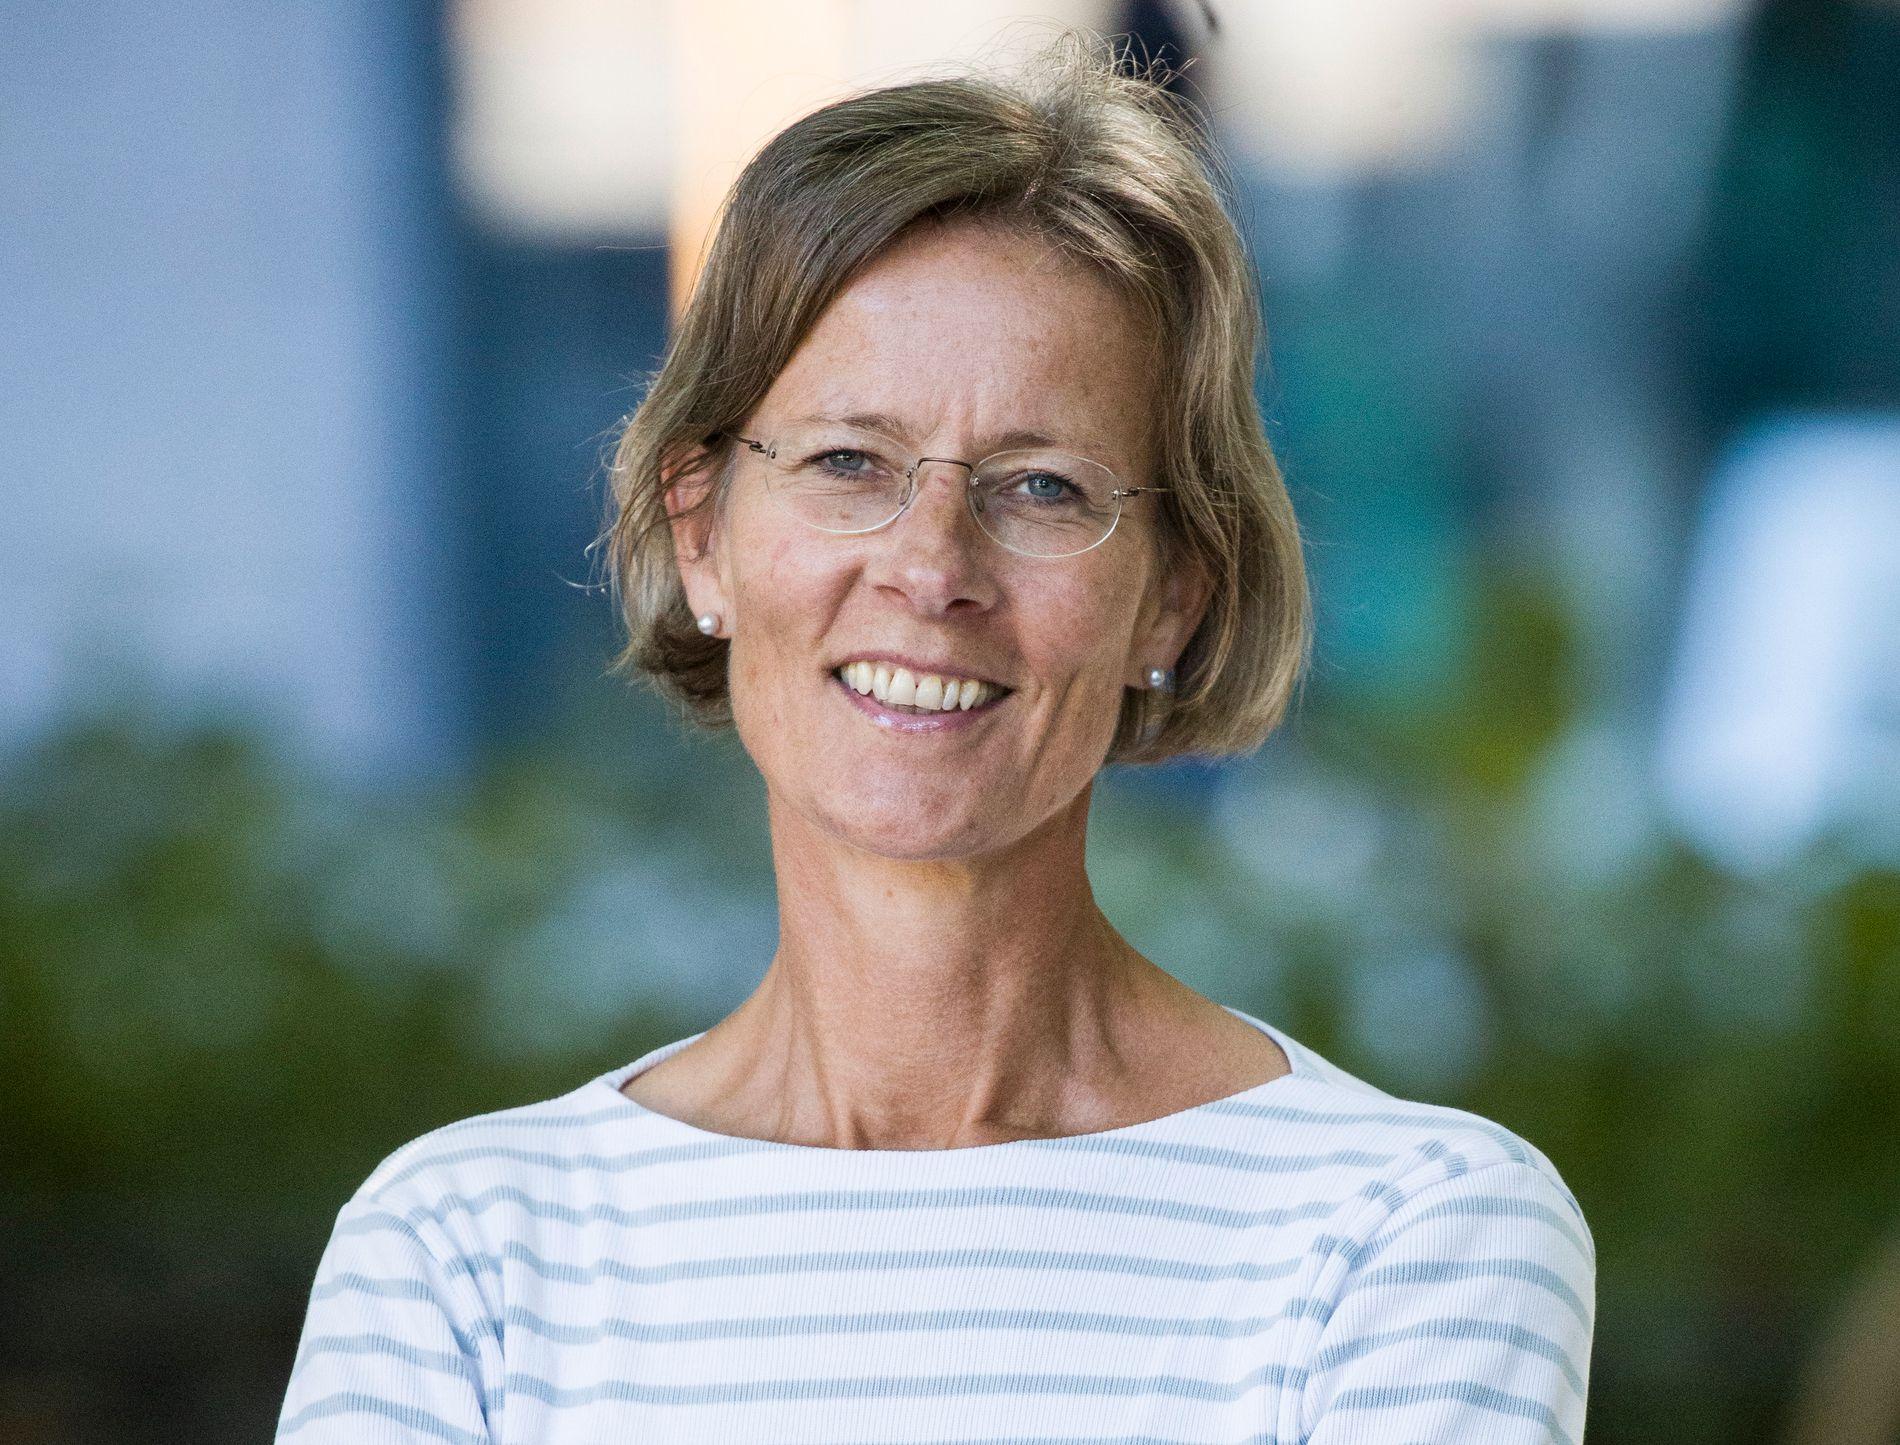 NUMMER 1: Helga Hjorth, som er jurist og jobber i Riksarkivet, debuterte med «Fri vilje» i forrige uke. Romanen er hennes forsvar mot storesøster Vigdis Hjorths «Arv og miljø» - og går nå til topps på den norske bestselgerlisten.